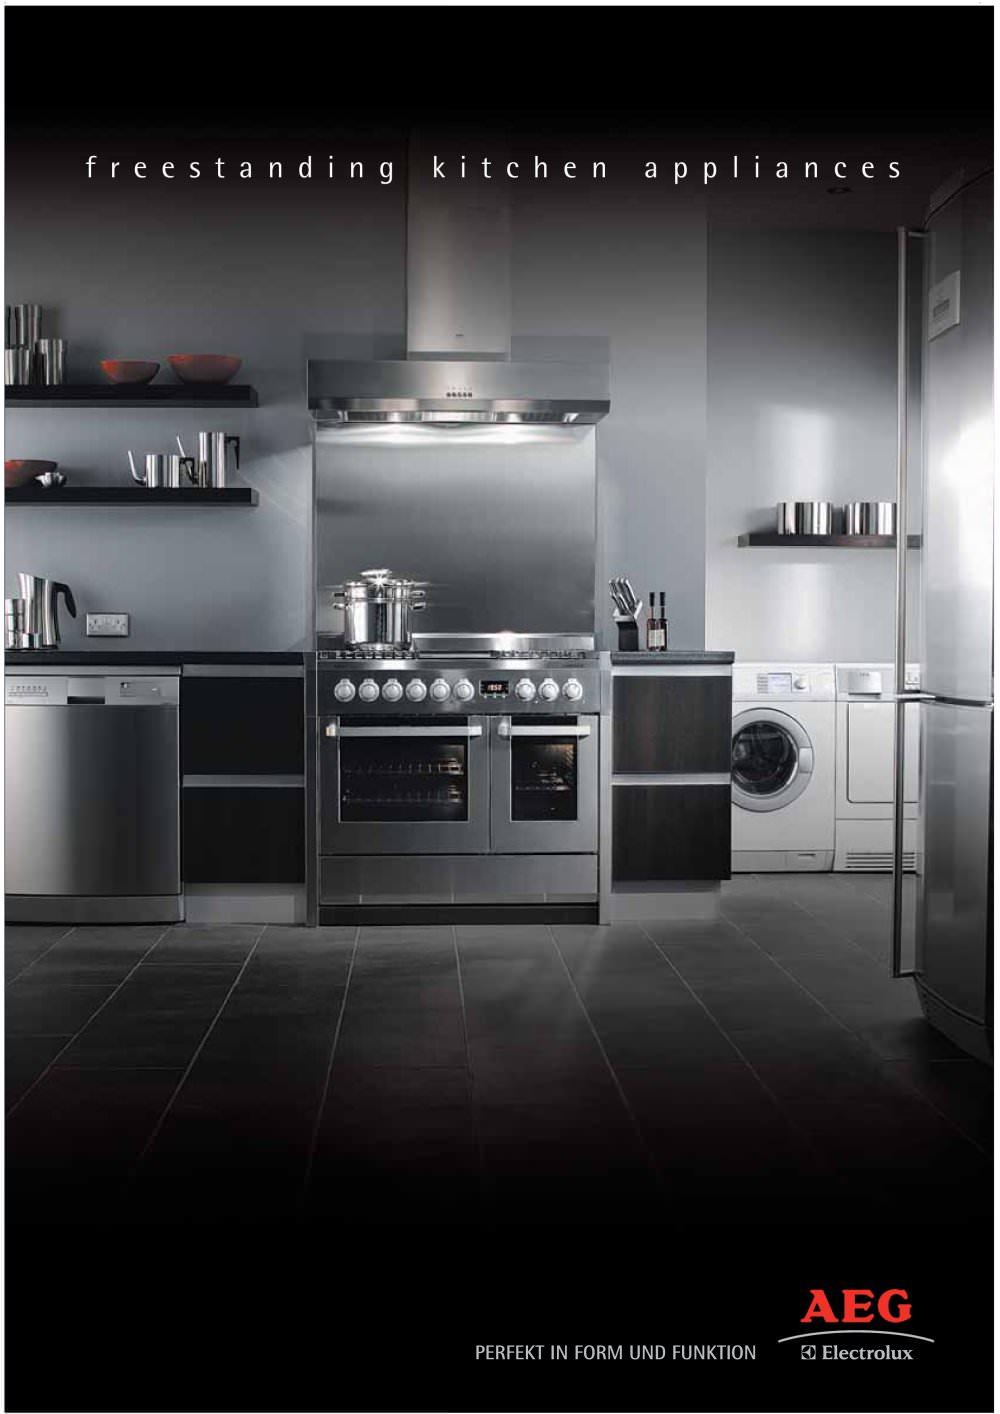 Uncategorized Aeg Kitchen Appliances aeg laundry pdf catalogues documentation brochures 1 22 pages